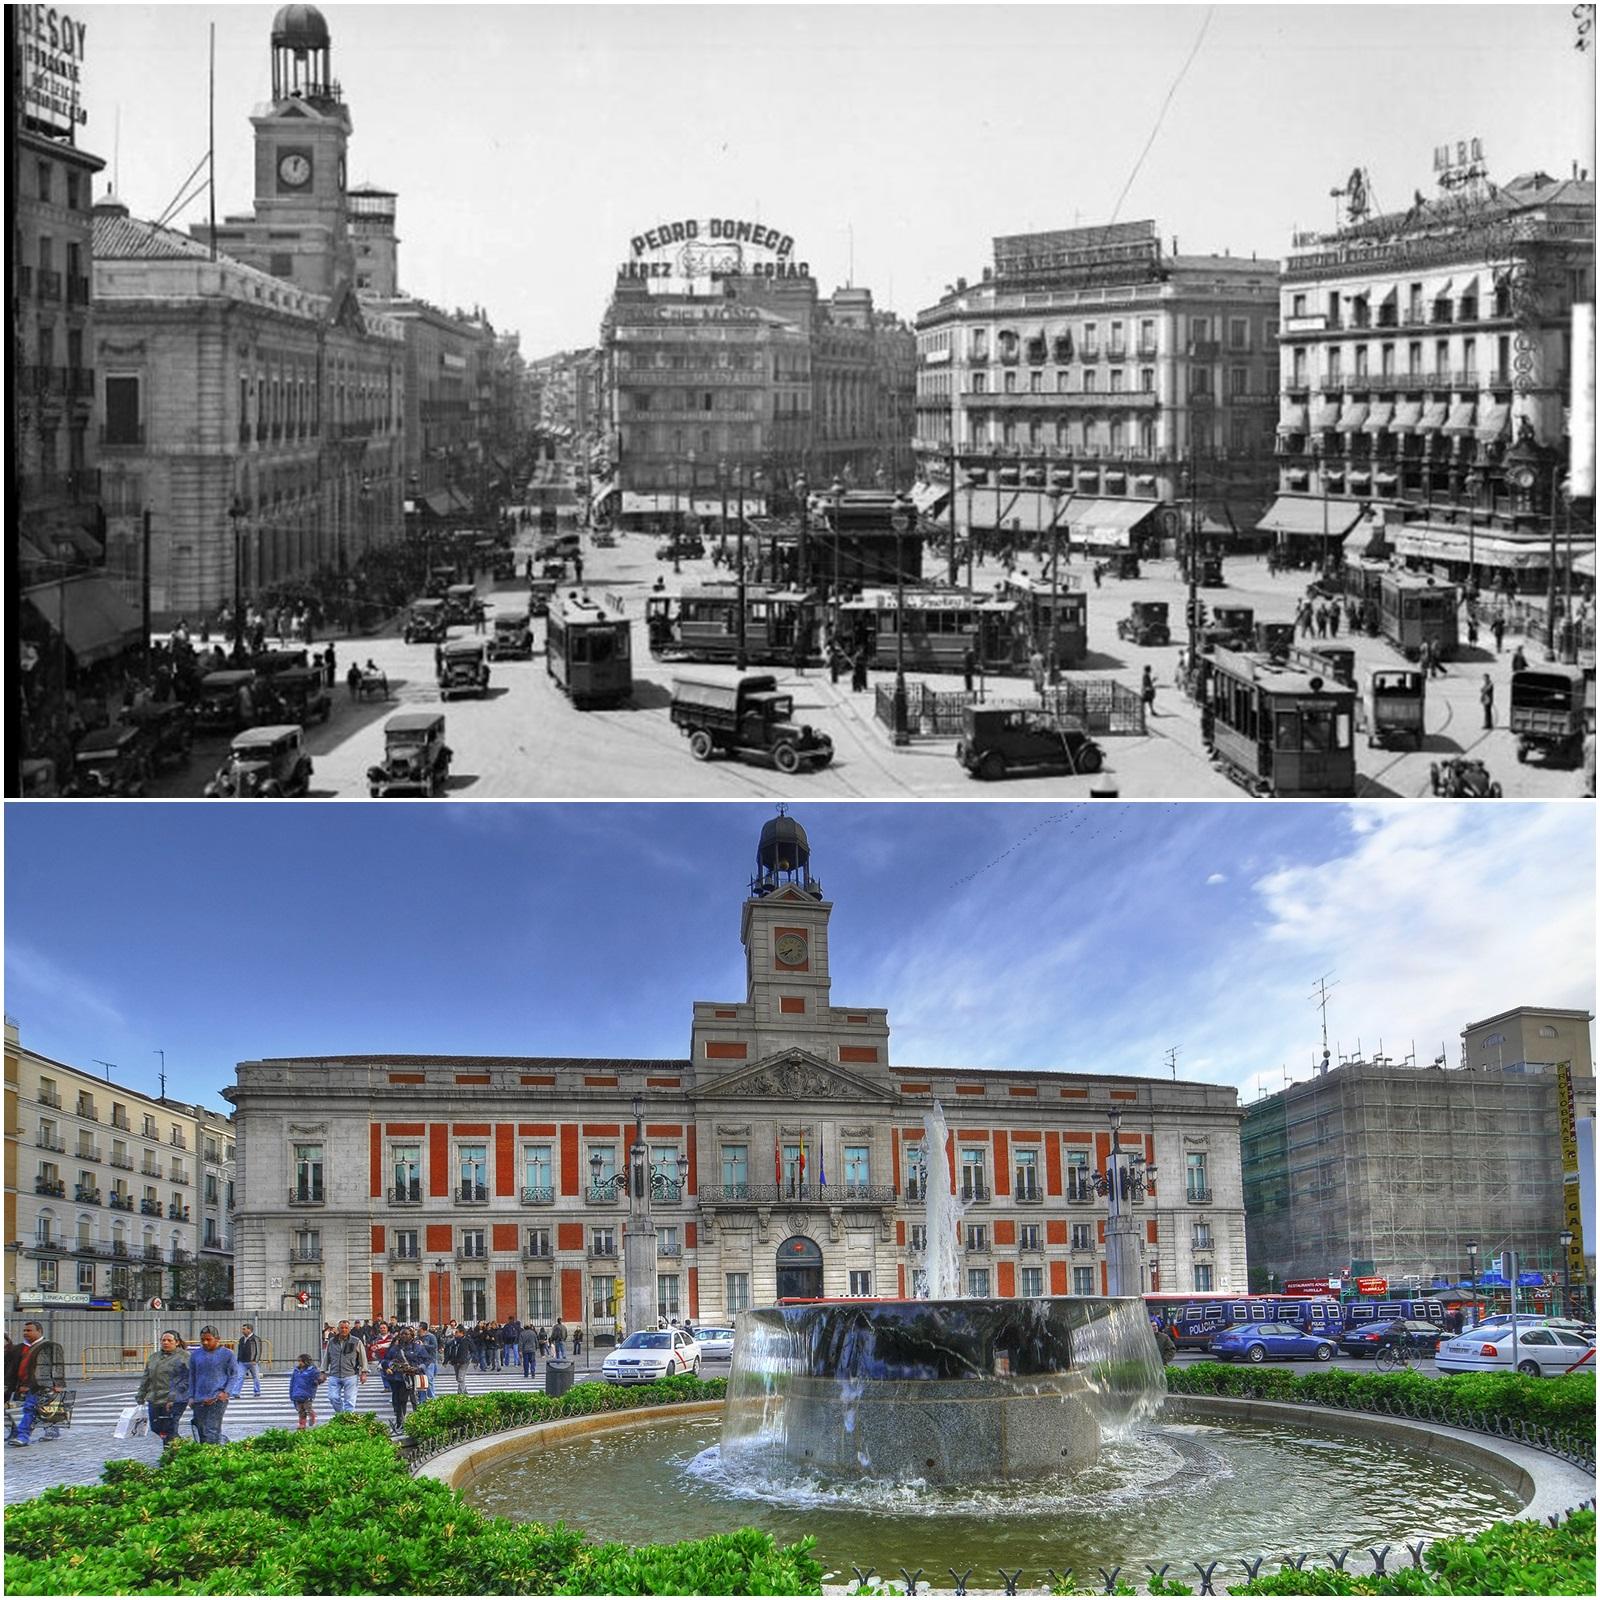 El madrid de ayer fotograf as del siglo xix y xx el for Puerta del sol 2017